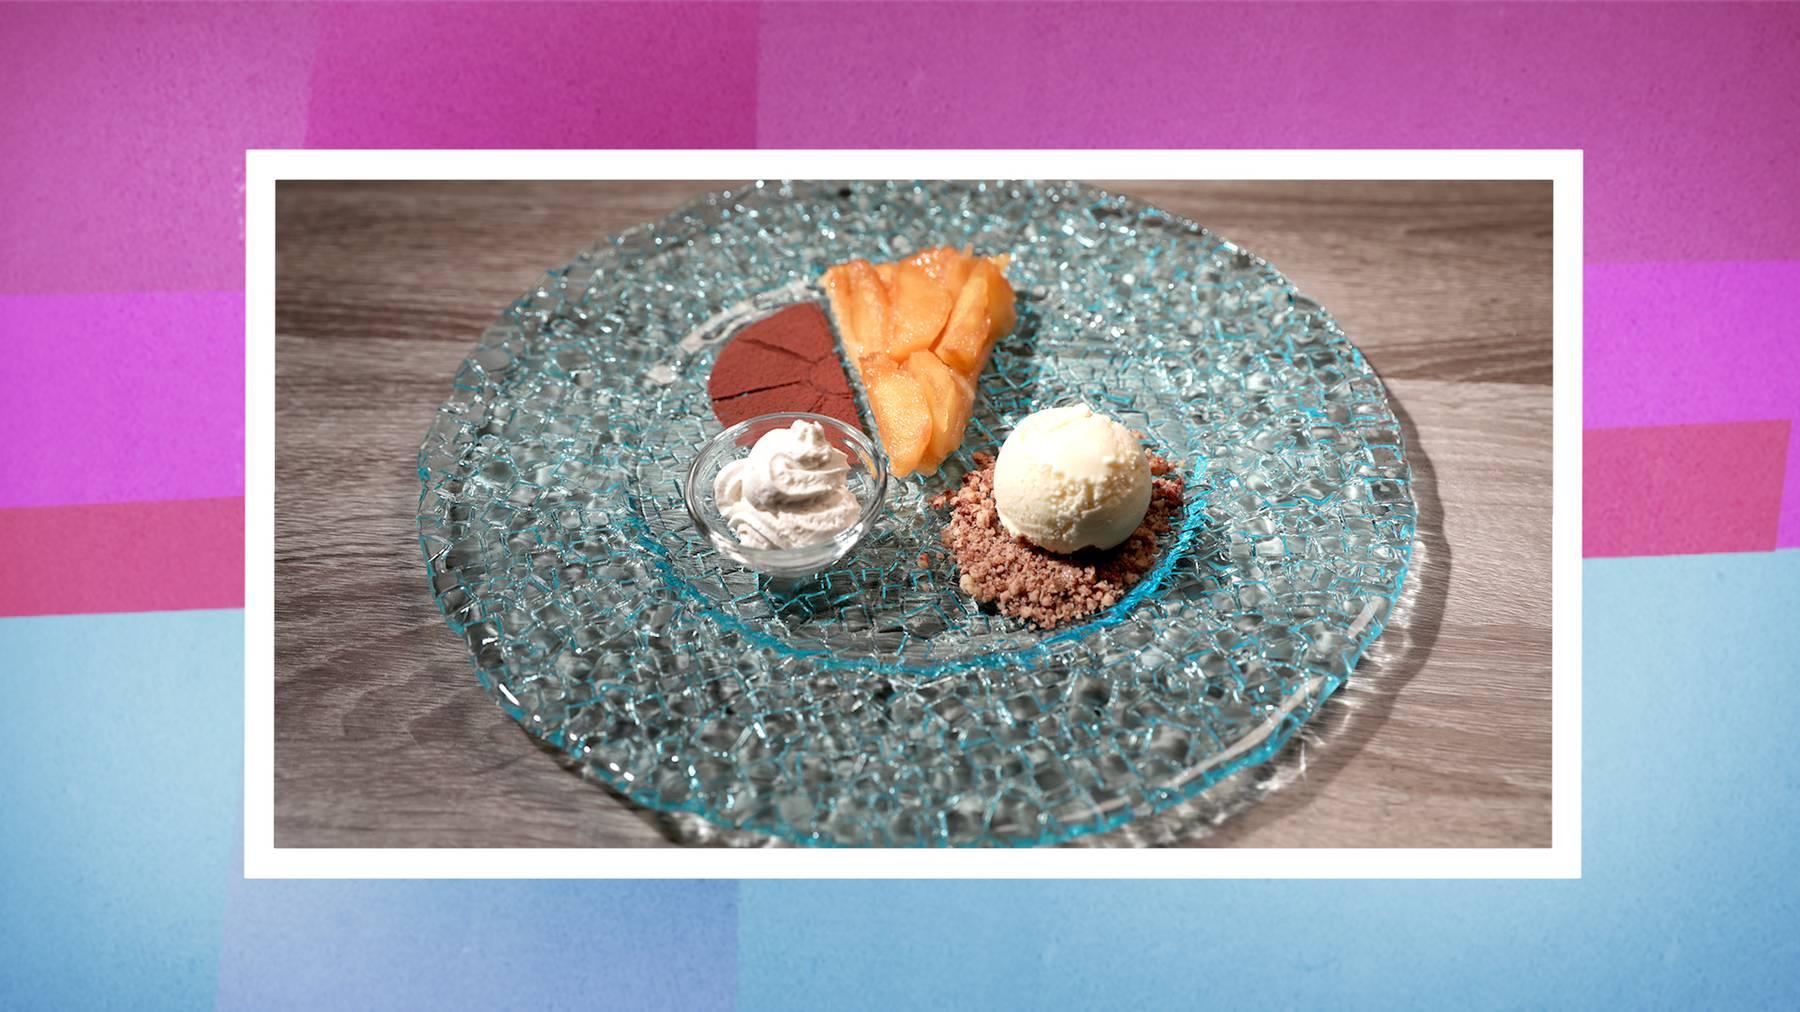 Das Dessert: Tarte Tatin mit Vanilleglace